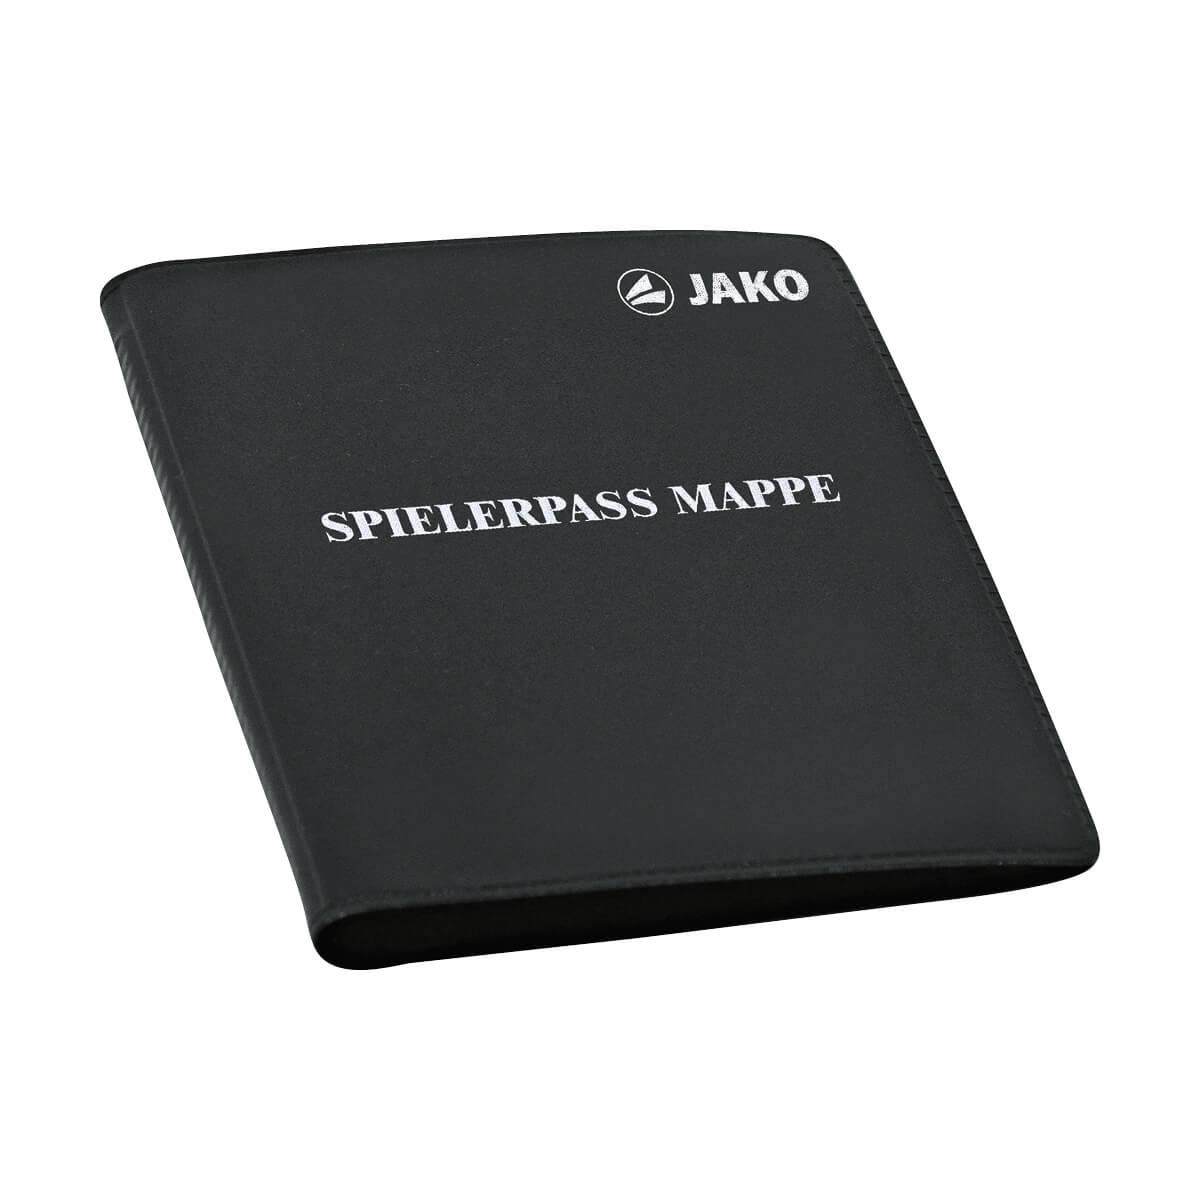 Jako Spielerpass-Mappe klein  2118  | div. Größen / Farben